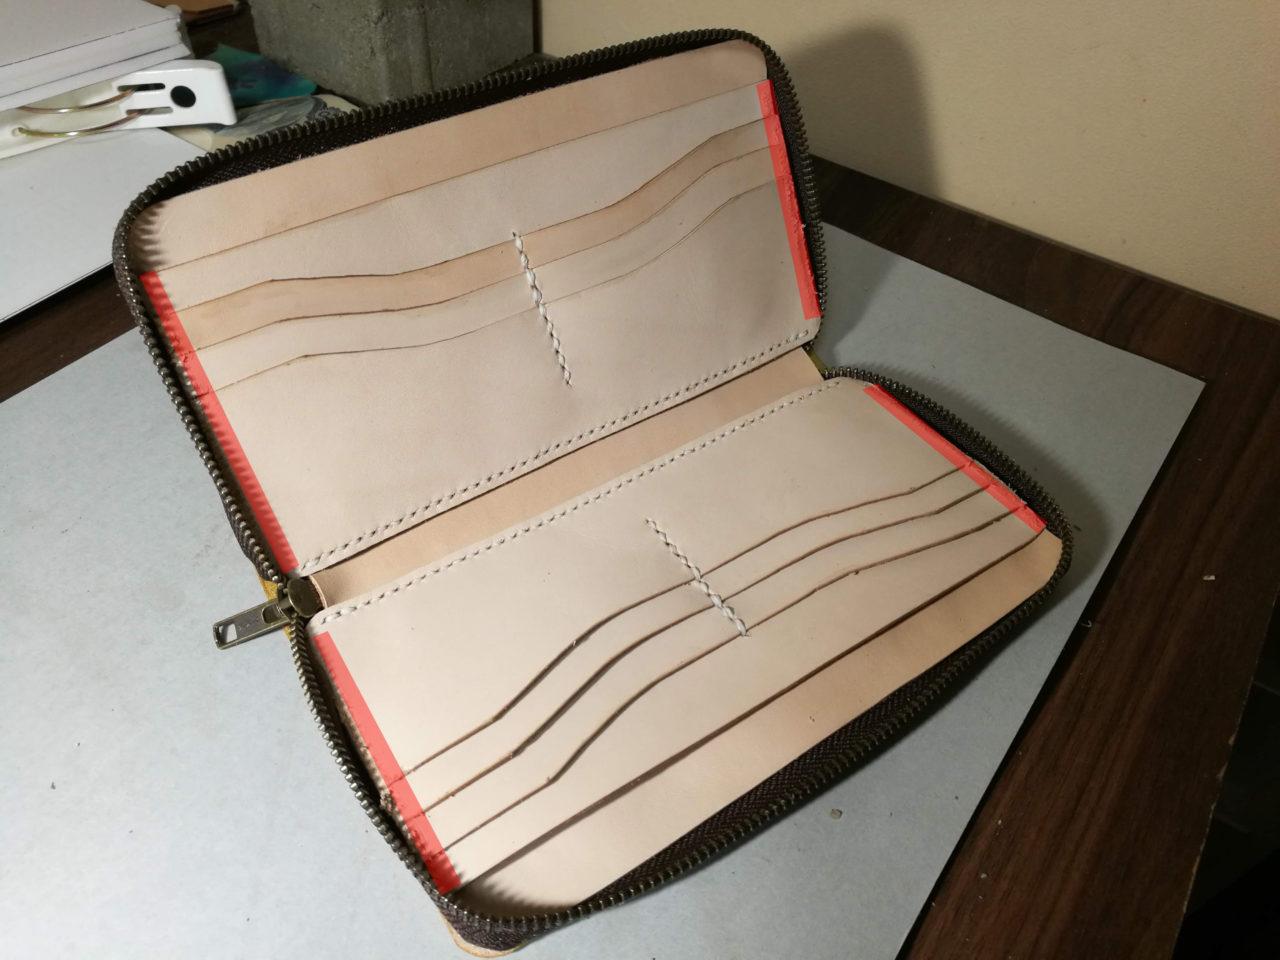 レザークラフトでラウンドファスナー型長財布を作る